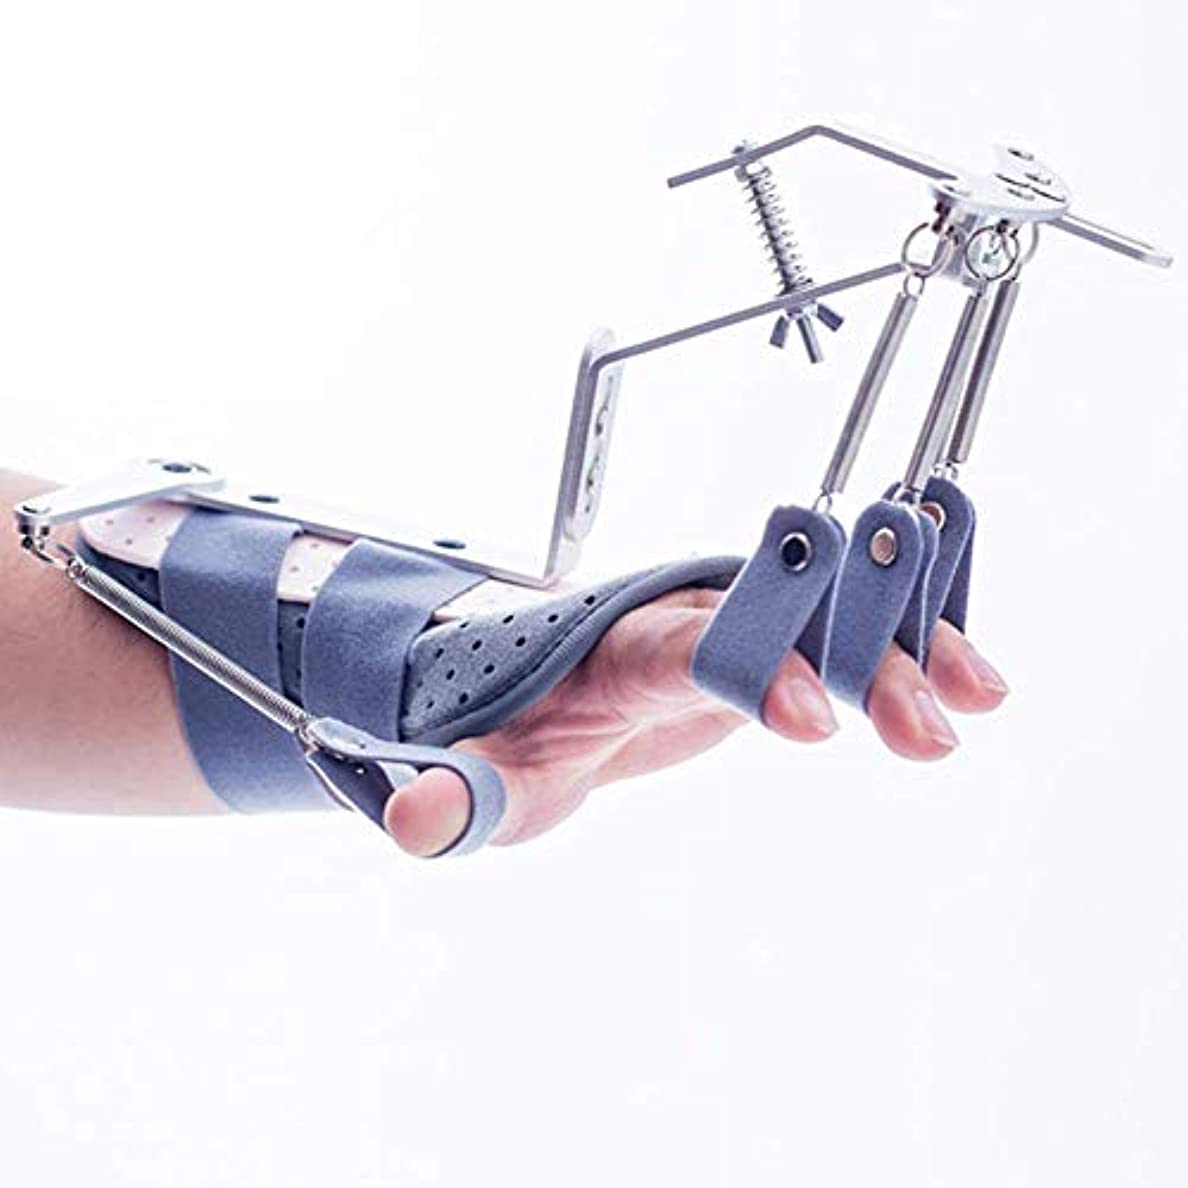 エンコミウム暗黙くるくる指の損傷のサポート、指の副木サポート、手首、手首の親指装具サポート、リハビリテーショントレーニング